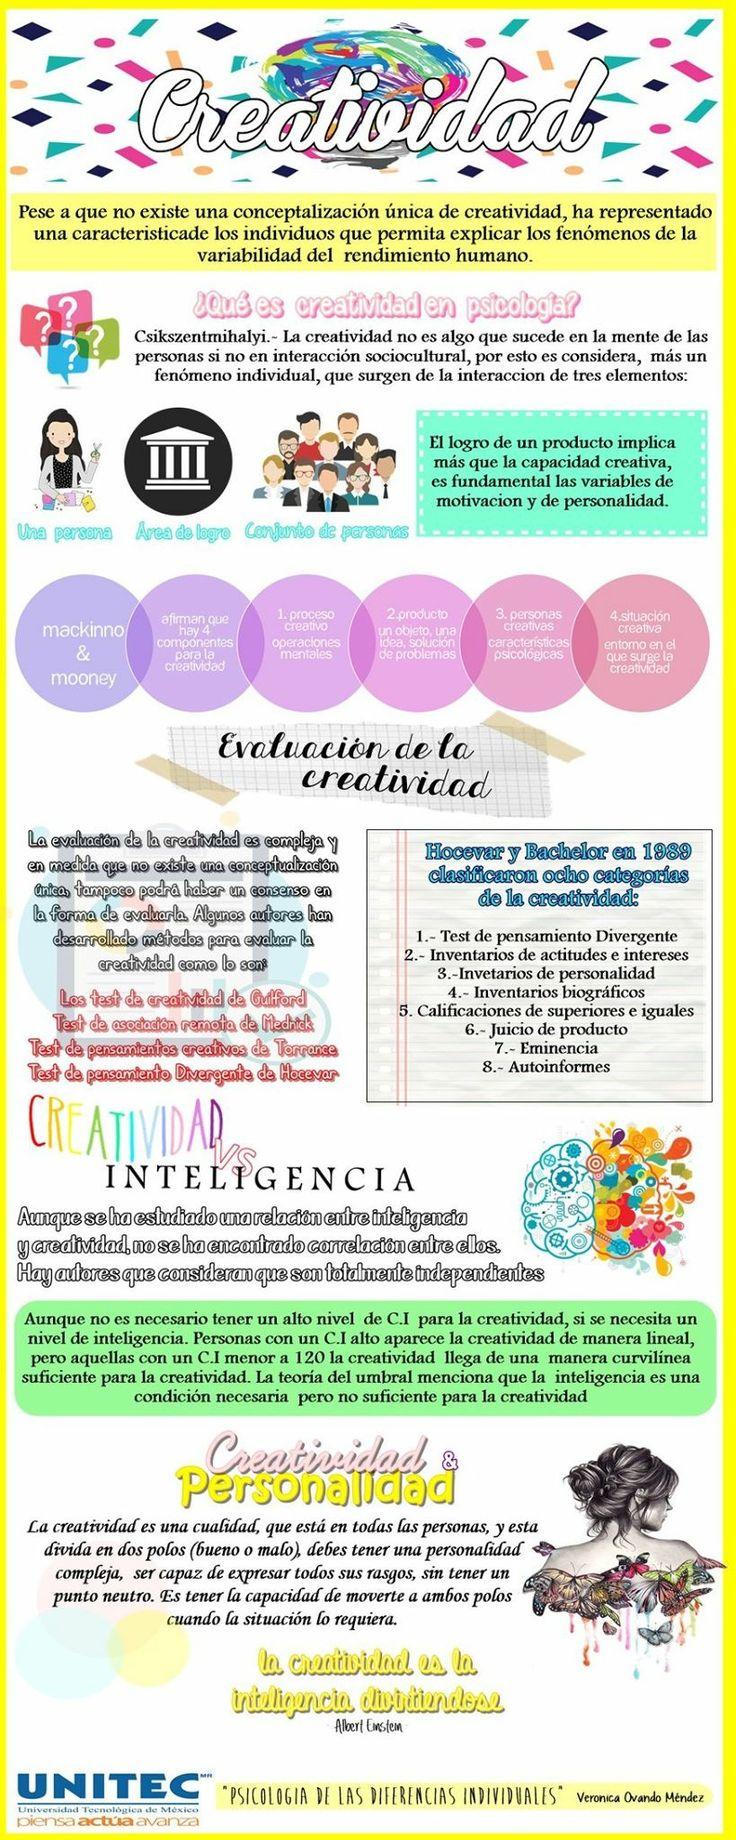 Creatividad En Psicologia Creatividad Psicologia Psicologa